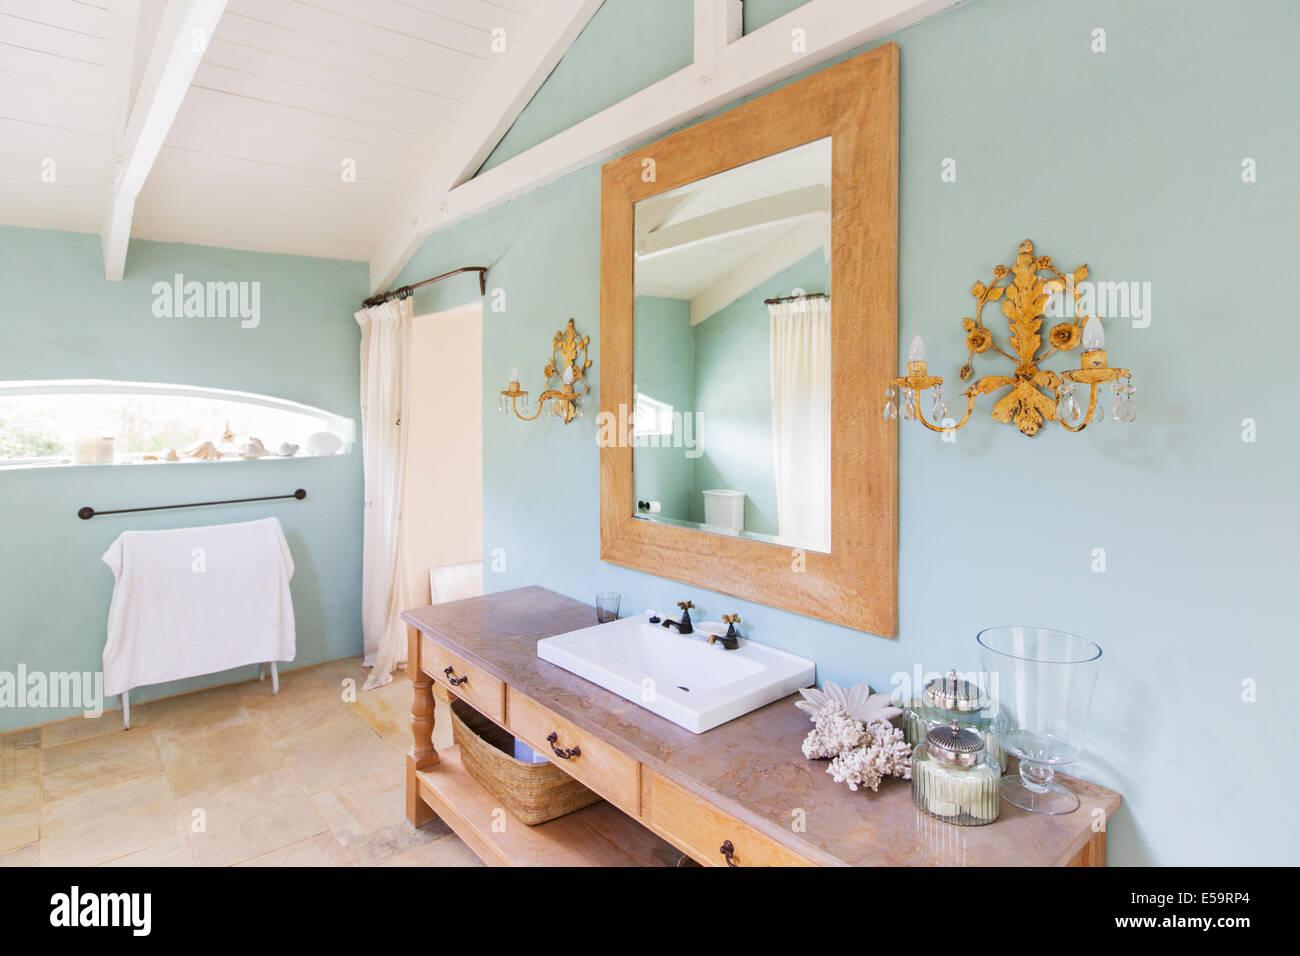 Waschbecken und Spiegel in rustikale Badezimmer Stockfoto, Bild ...